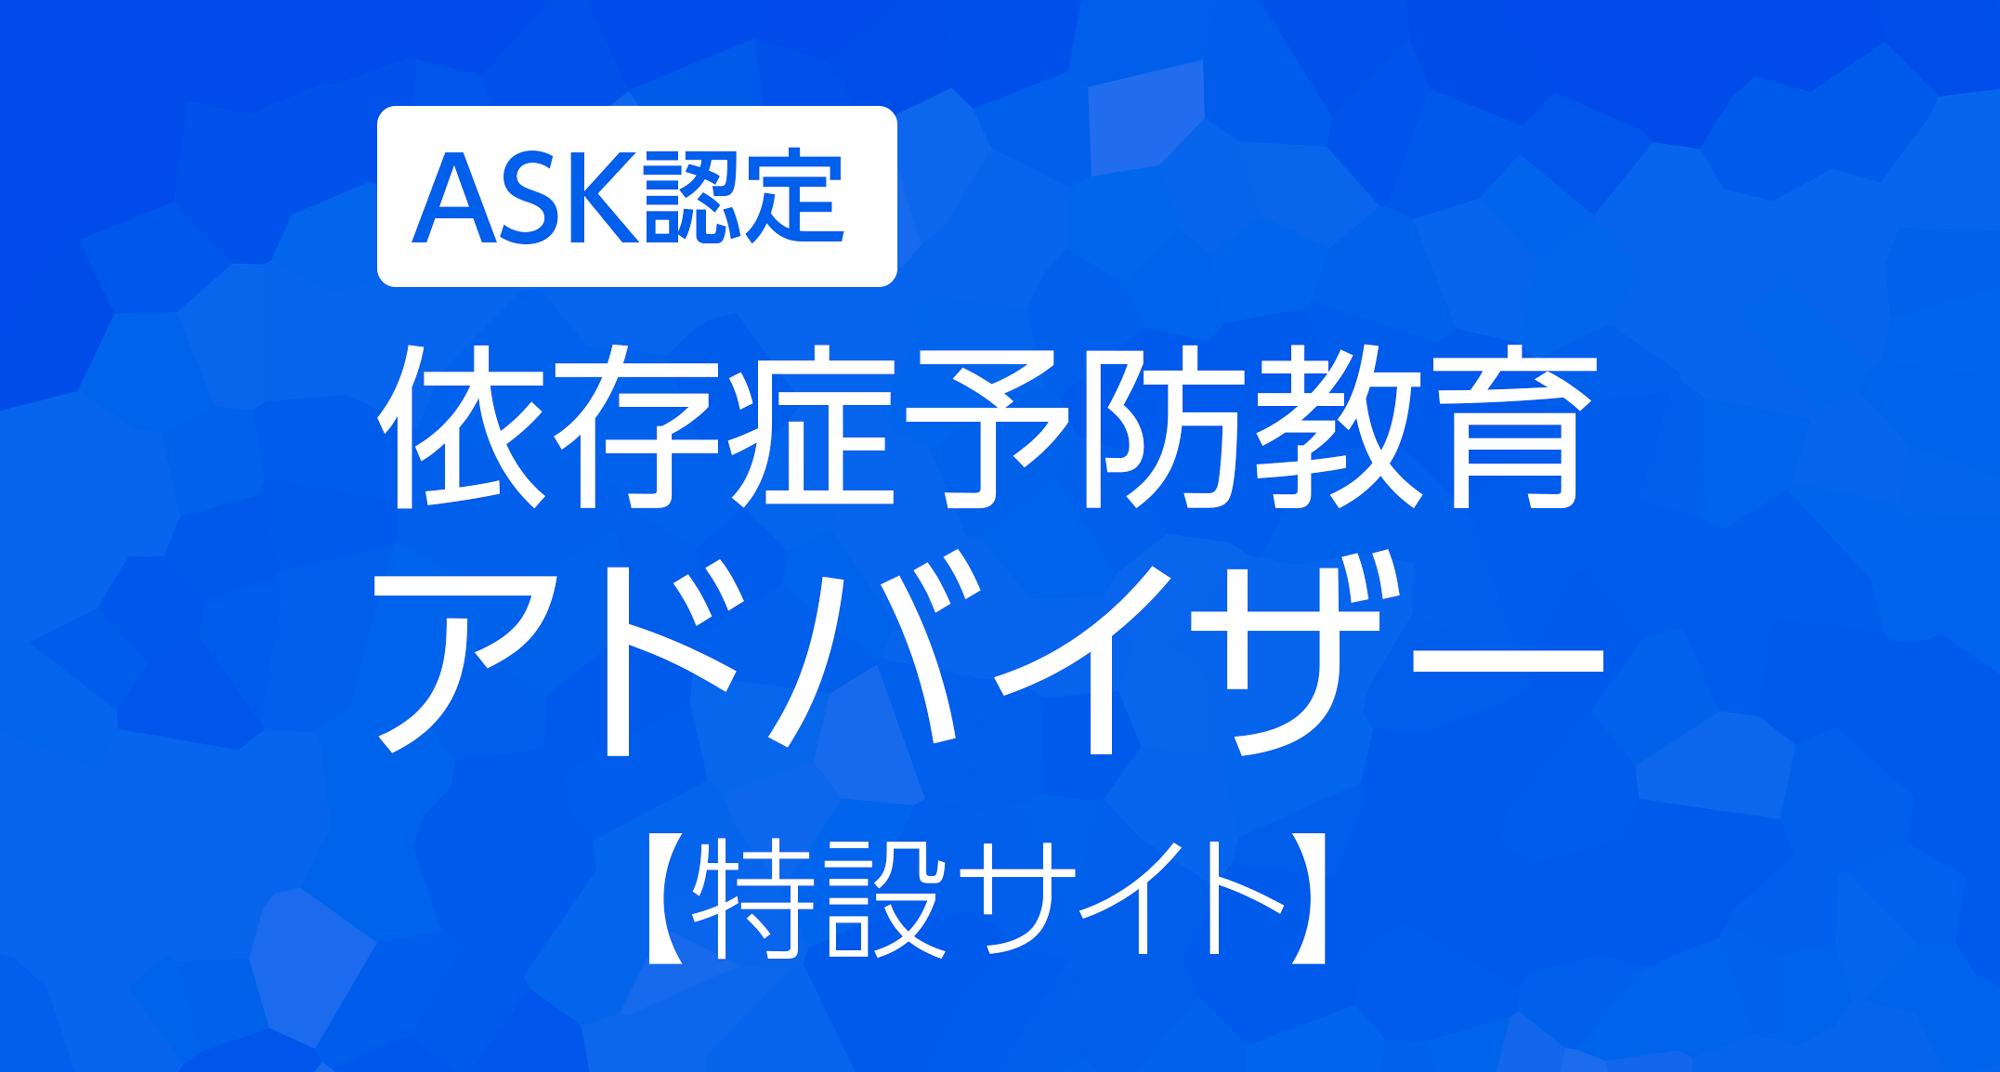 ASK認定依存症予防教育アドバイザー特設サイト